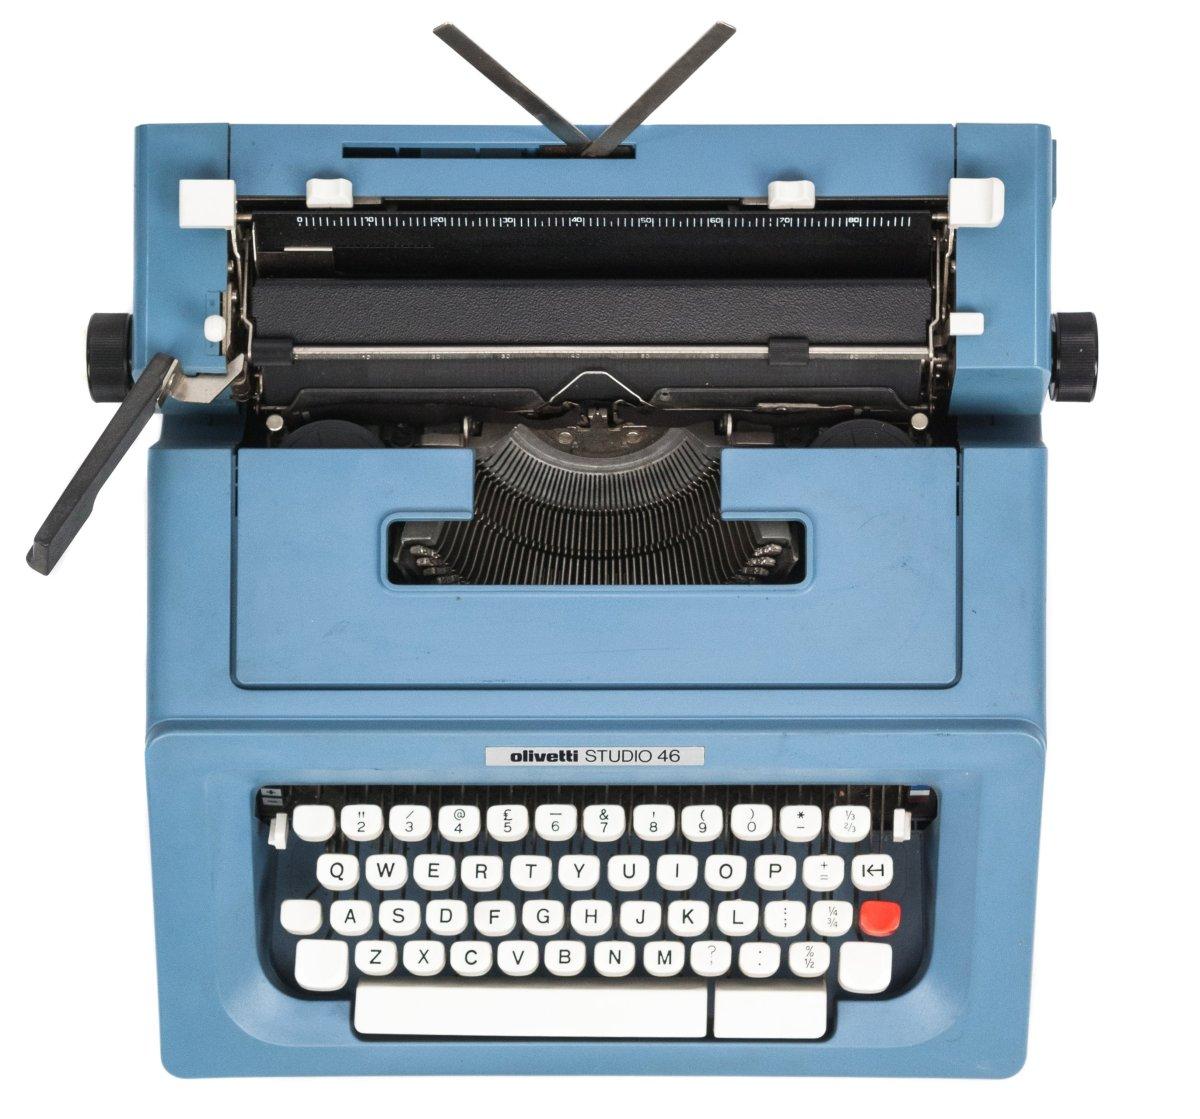 1976 - Olivetti Studio 46 Typewriter by Olivetti